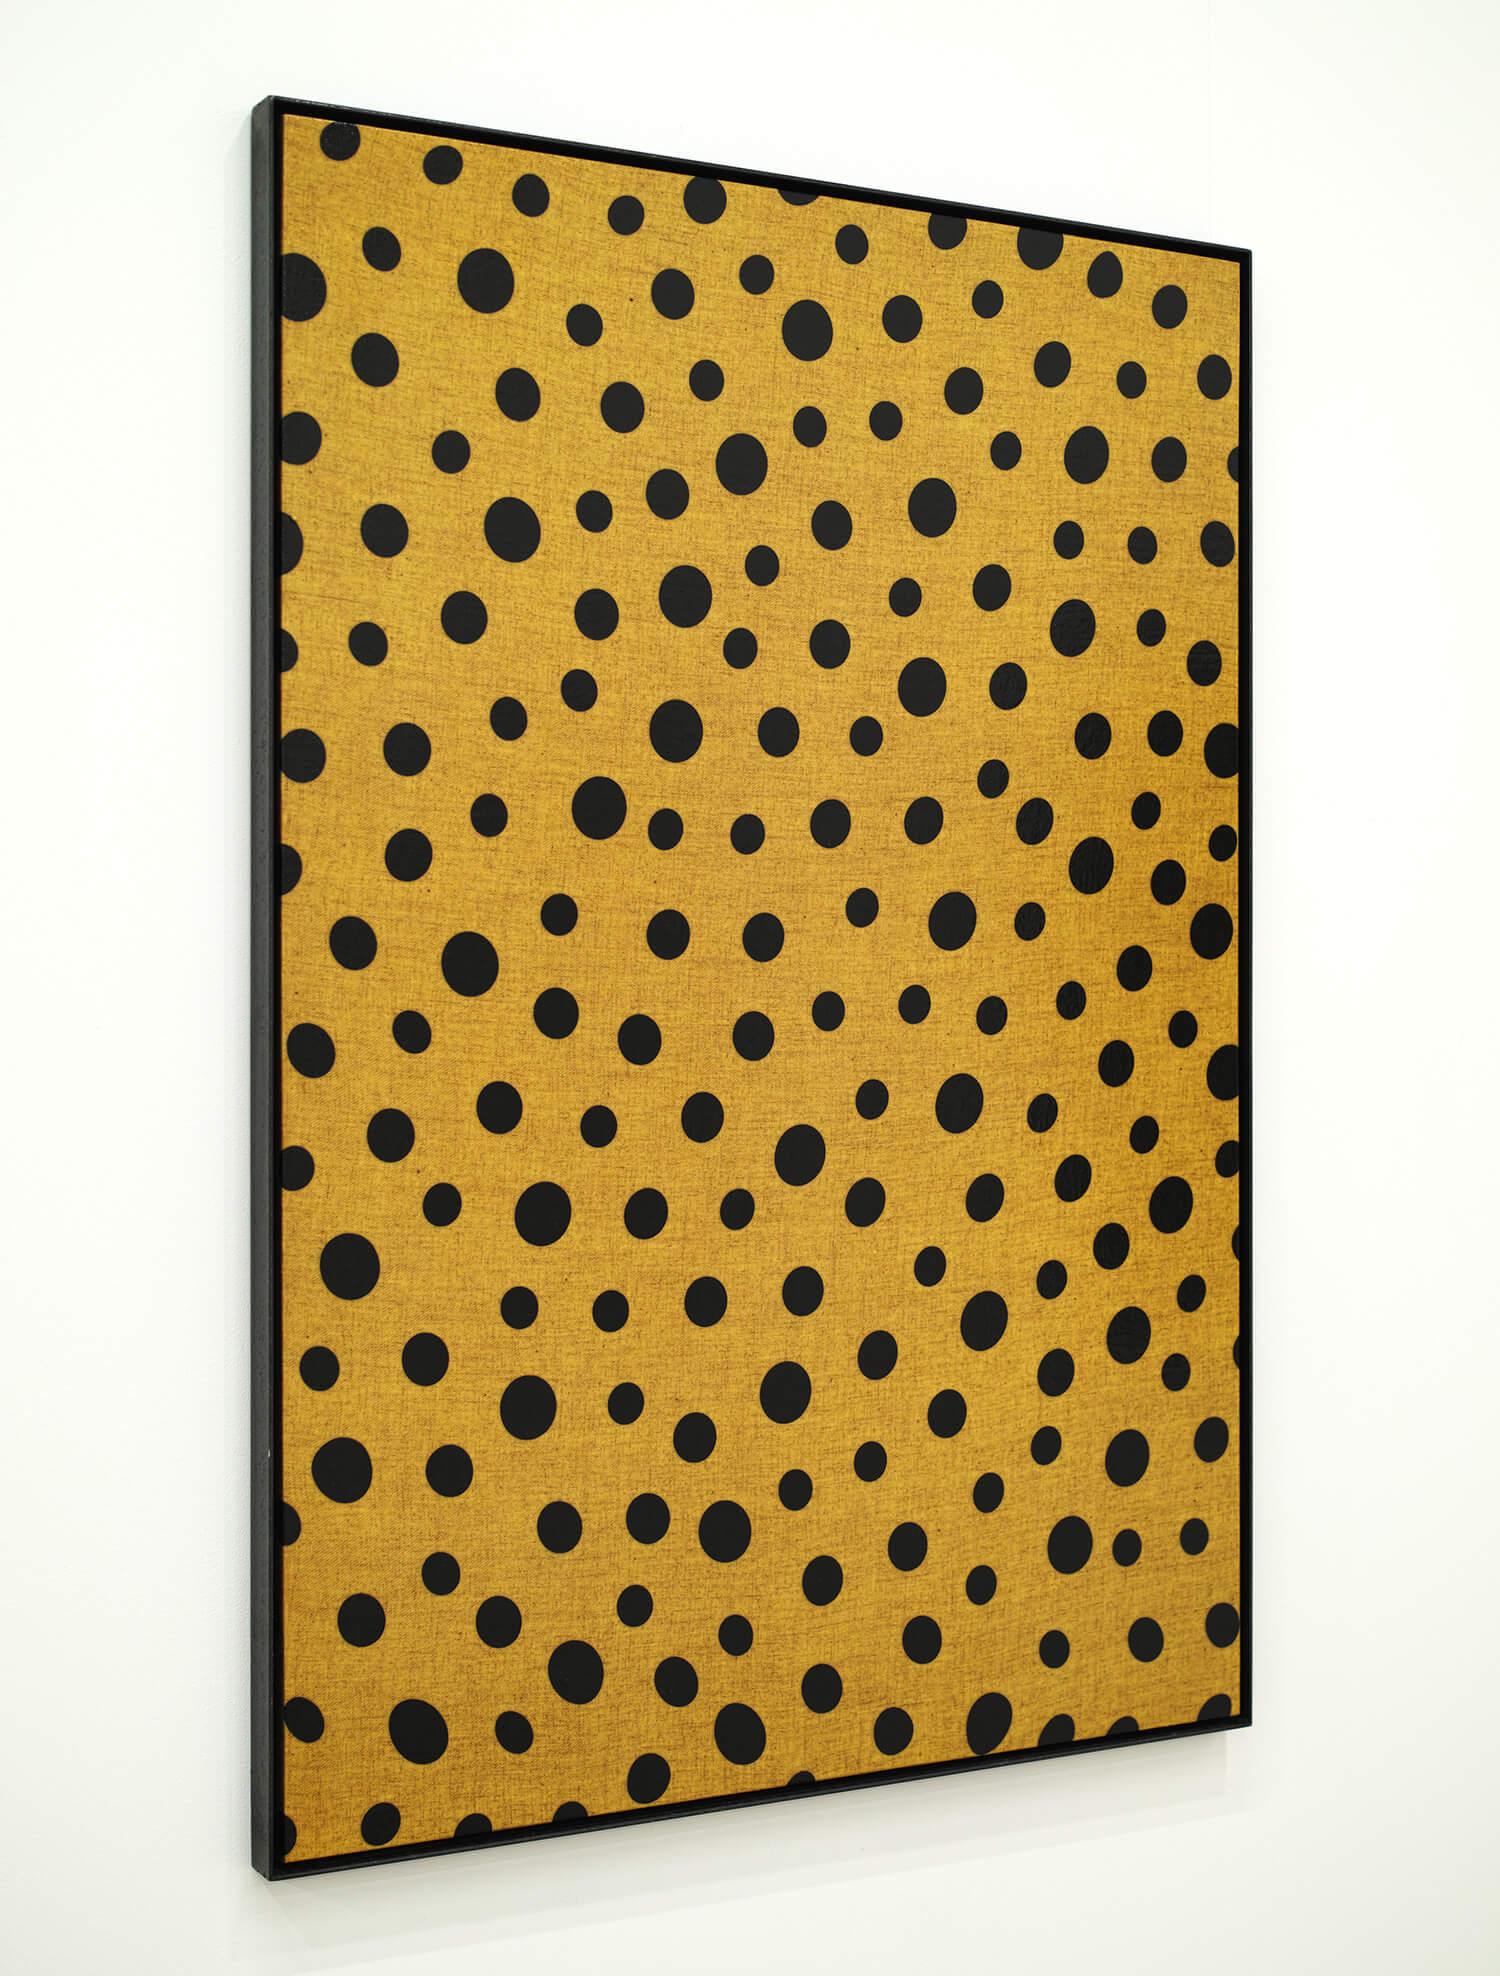 無意味の反復-9|木製パネル、綿布にウレタン塗料、鉄製フレーム|865 x 605 mm|1997